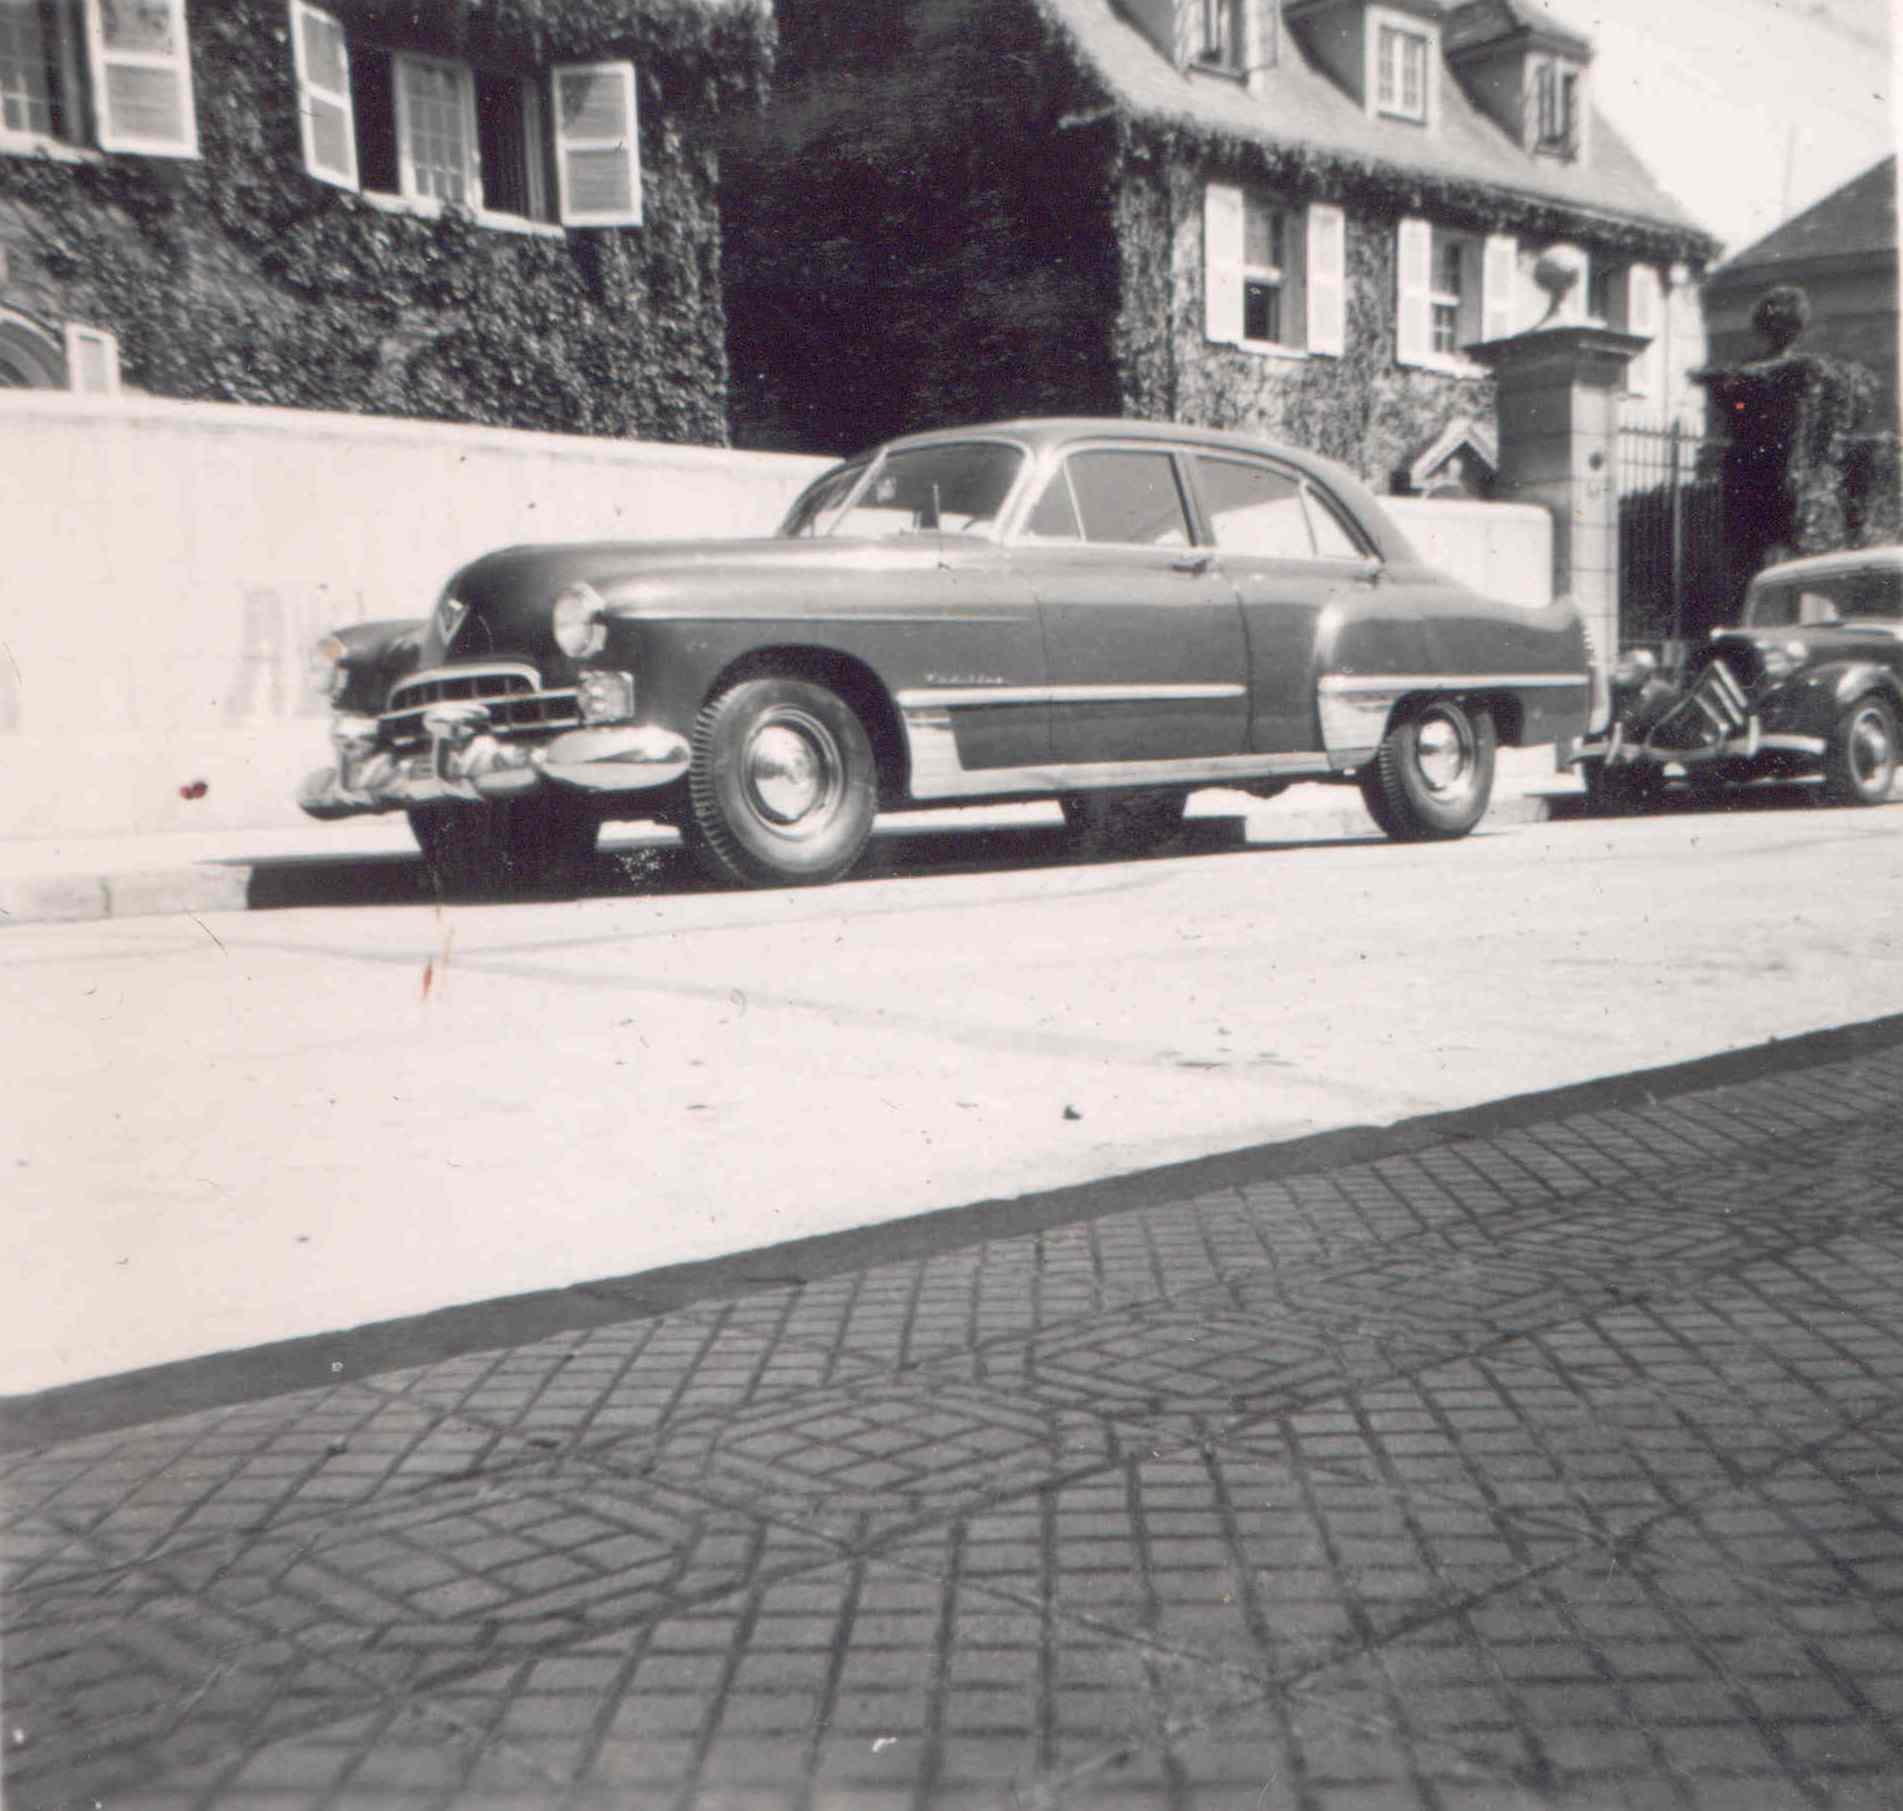 Enterreno - Fotos históricas de chile - fotos antiguas de Chile - Providencia en 1949